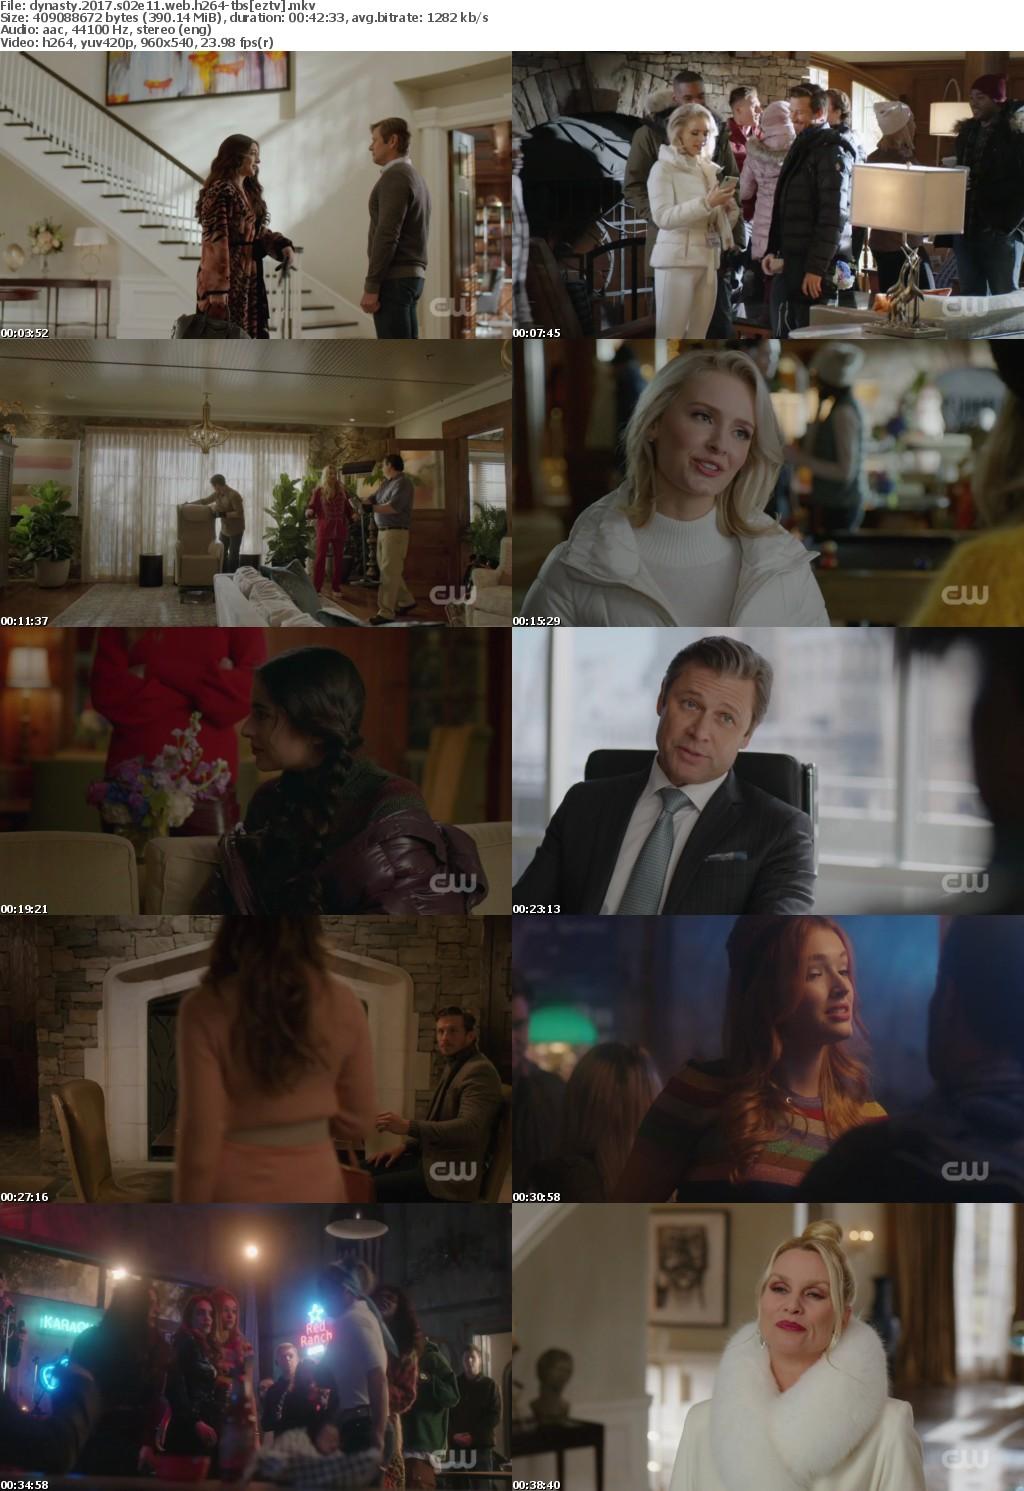 Dynasty (2017) S02E11 WEB h264-TBS